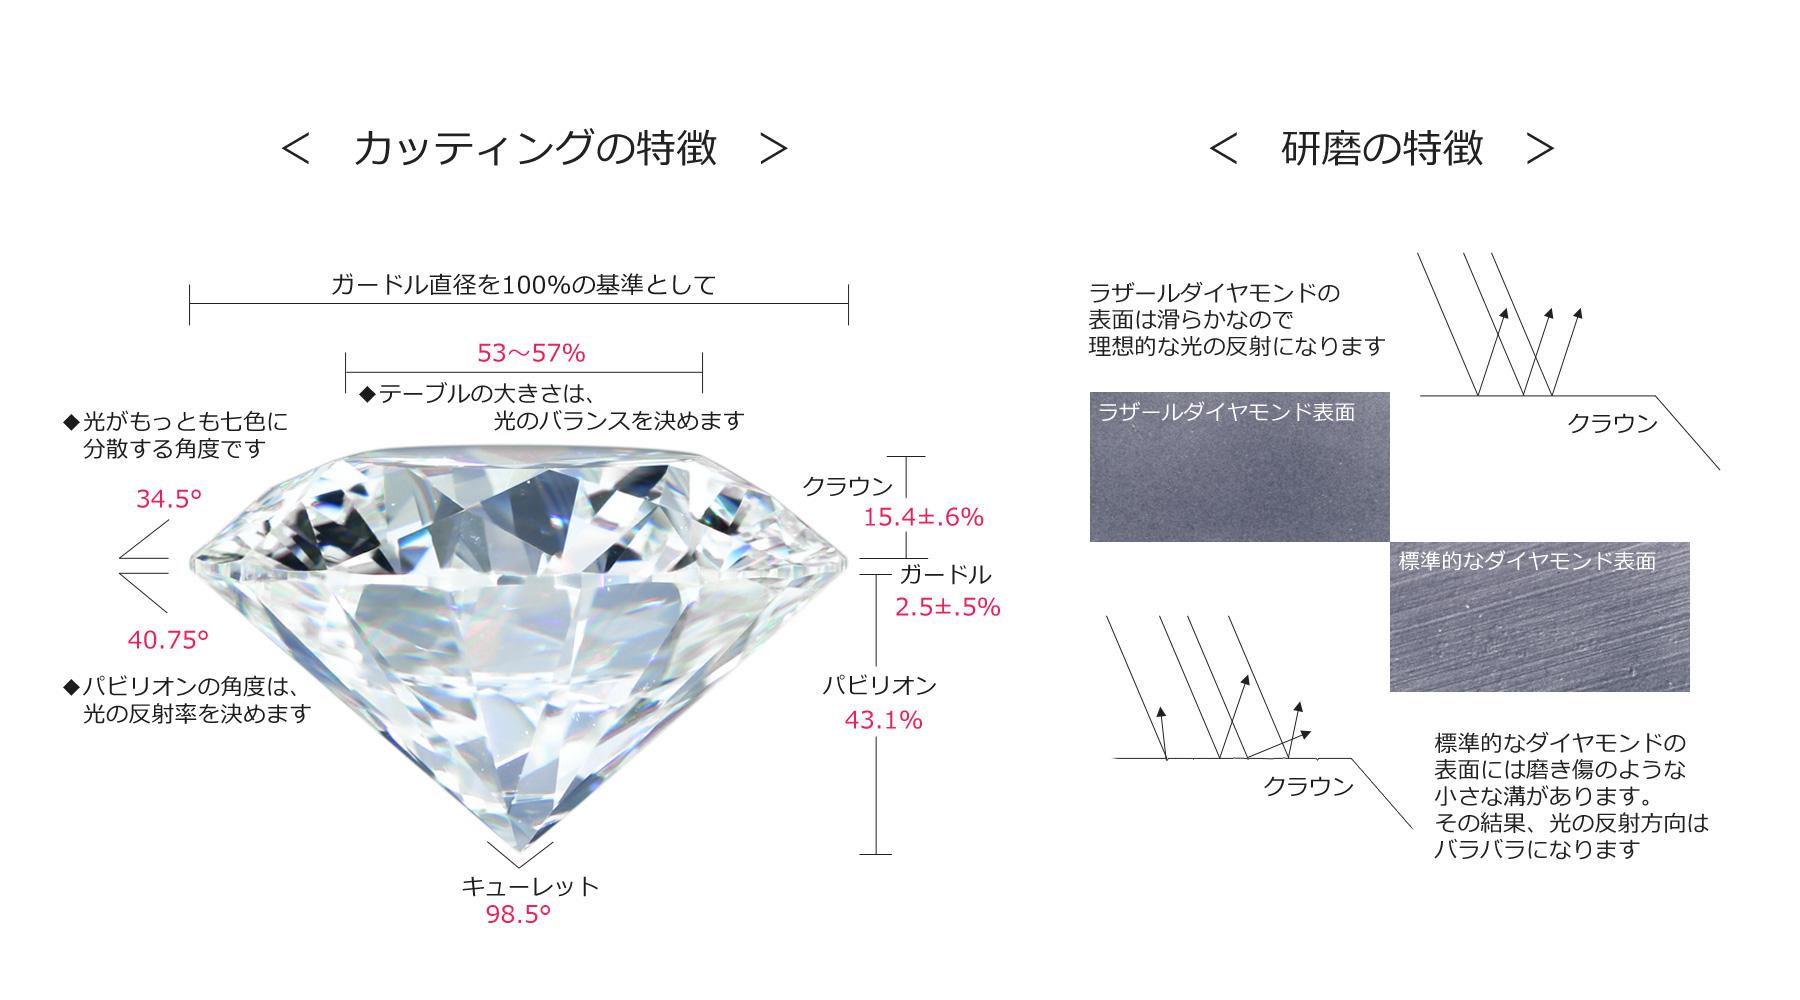 ラザールダイヤモンドの特徴であるカッティングと研磨のこだわりについてしるしています。カッティングはクラウン、ガードル、パビリオンの比率、クラウンとパビリオンの角度、キューレットの角度が厳密に規定されています。研磨の精度も通常流通しているダイヤモンドと比較して、より滑らかに仕上がっています。その結果、光の反射や屈折が理想的になります。